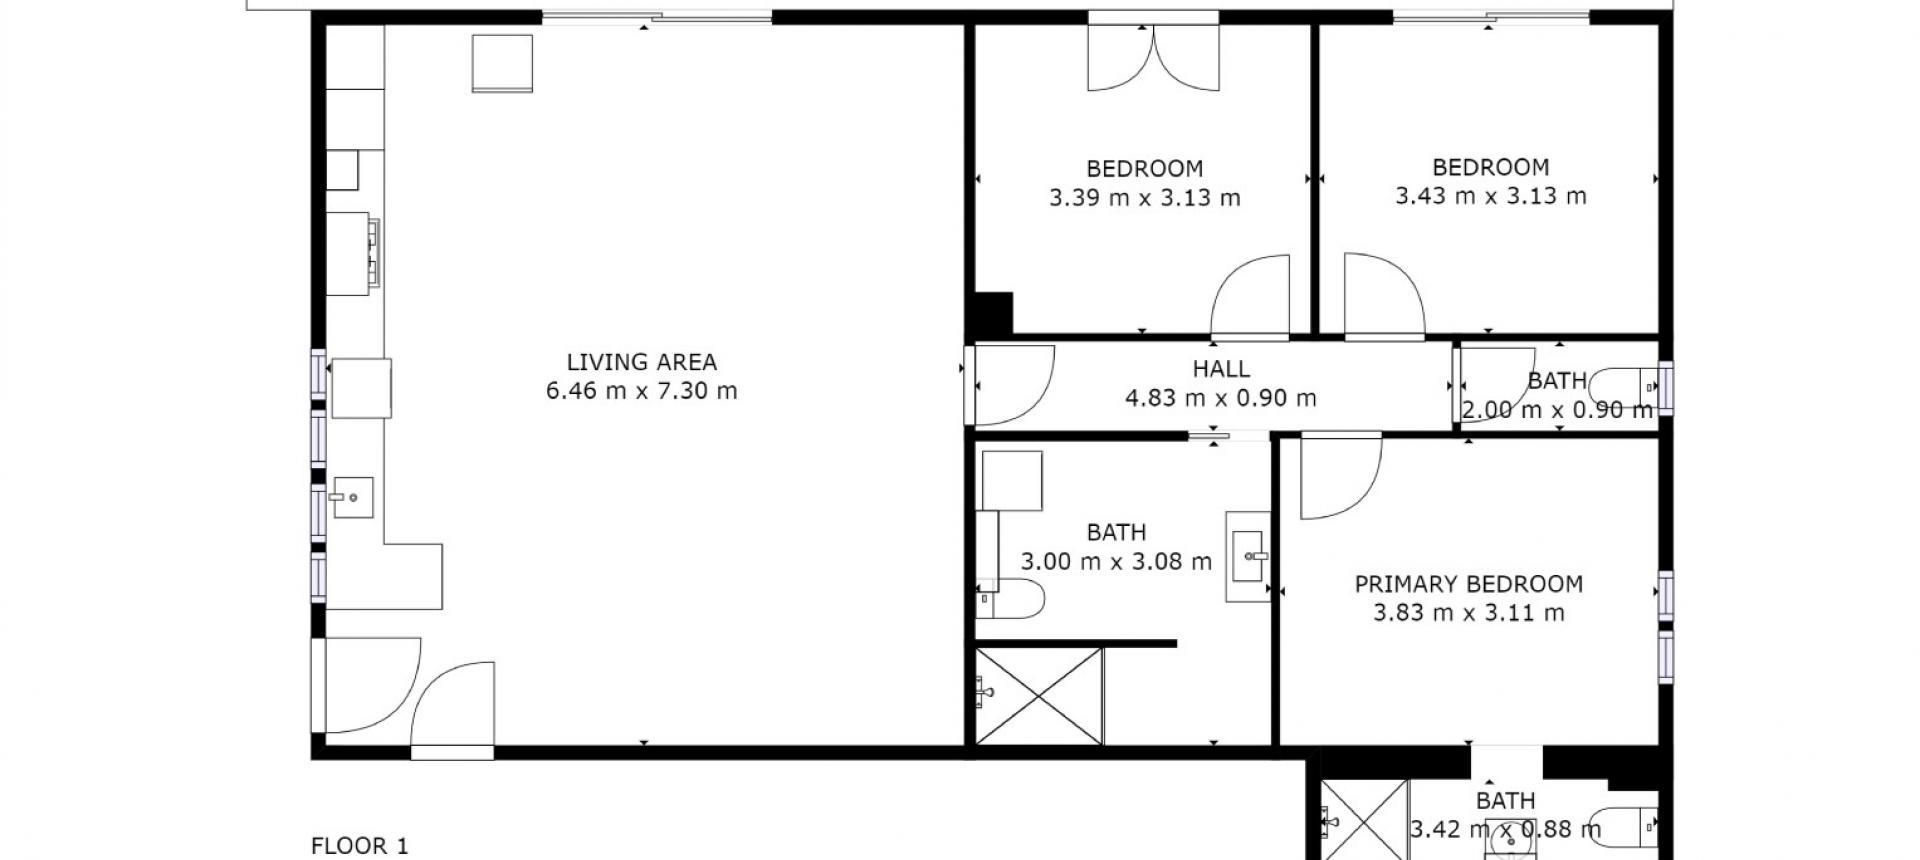 Villa à vendre proche Ajaccio - San Benedetto - plan rez-de-jardin